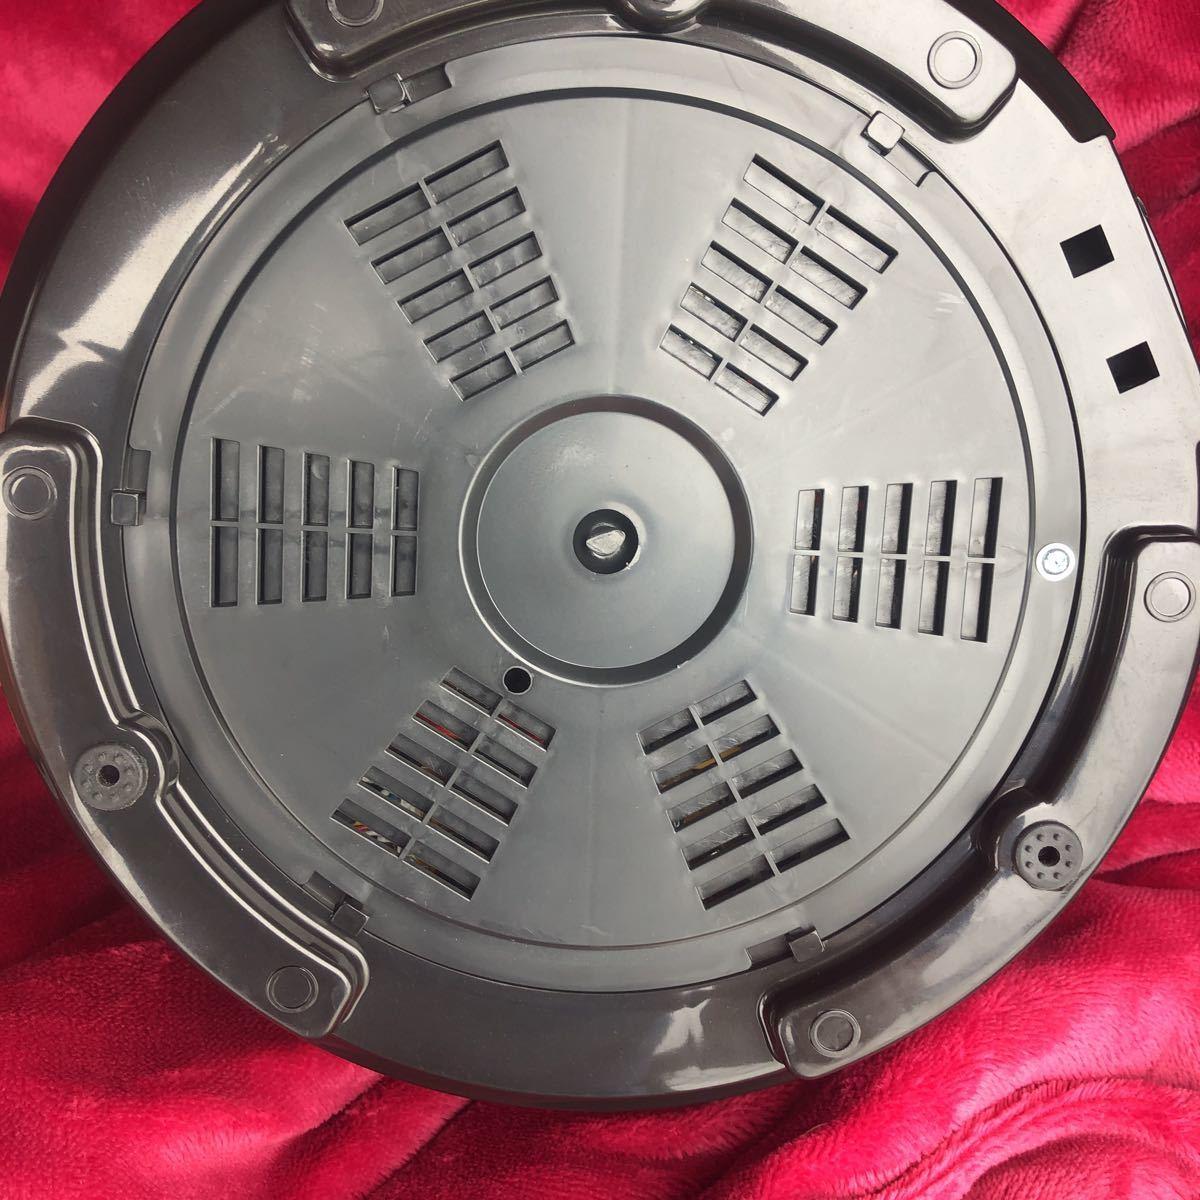 送料込み!ショップジャパンの電気圧力鍋 プレッシャーキングプロ_画像7